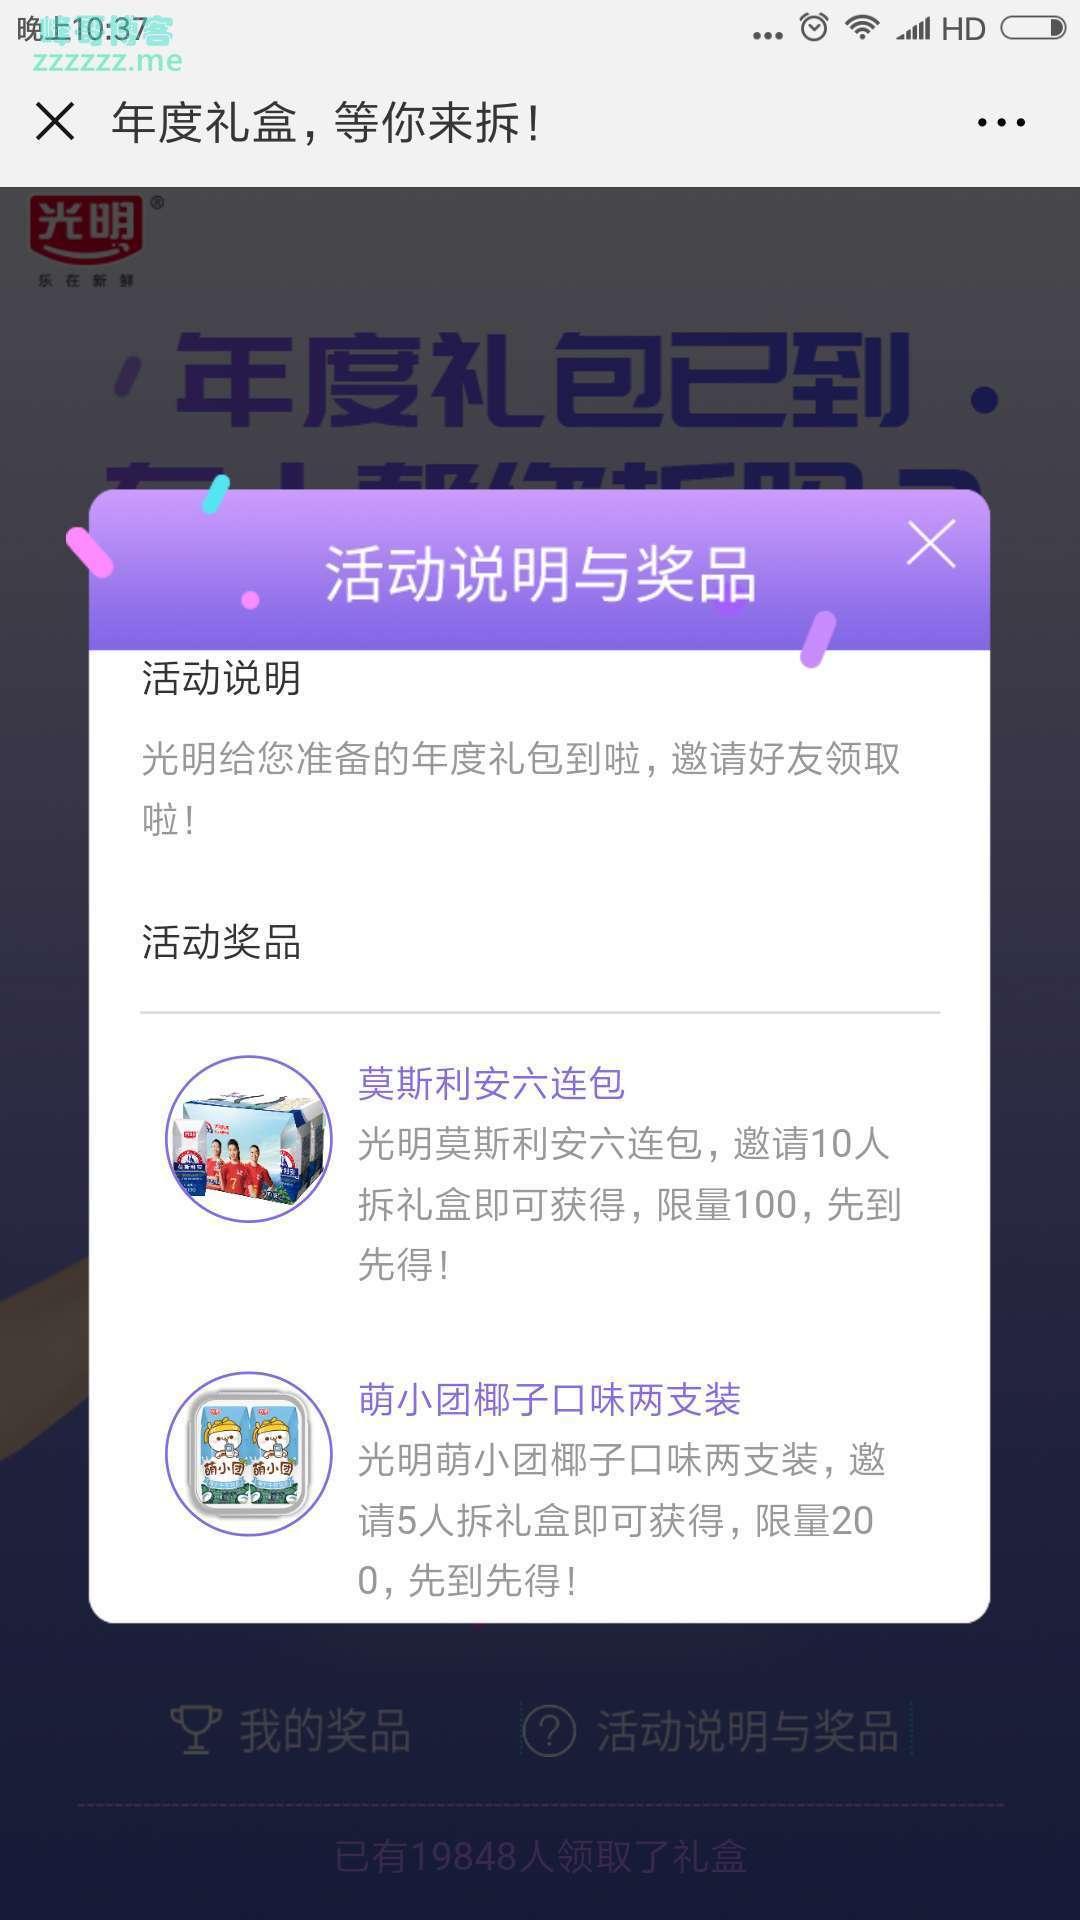 <光明乳业微商城>大礼盒(截至12月31日)